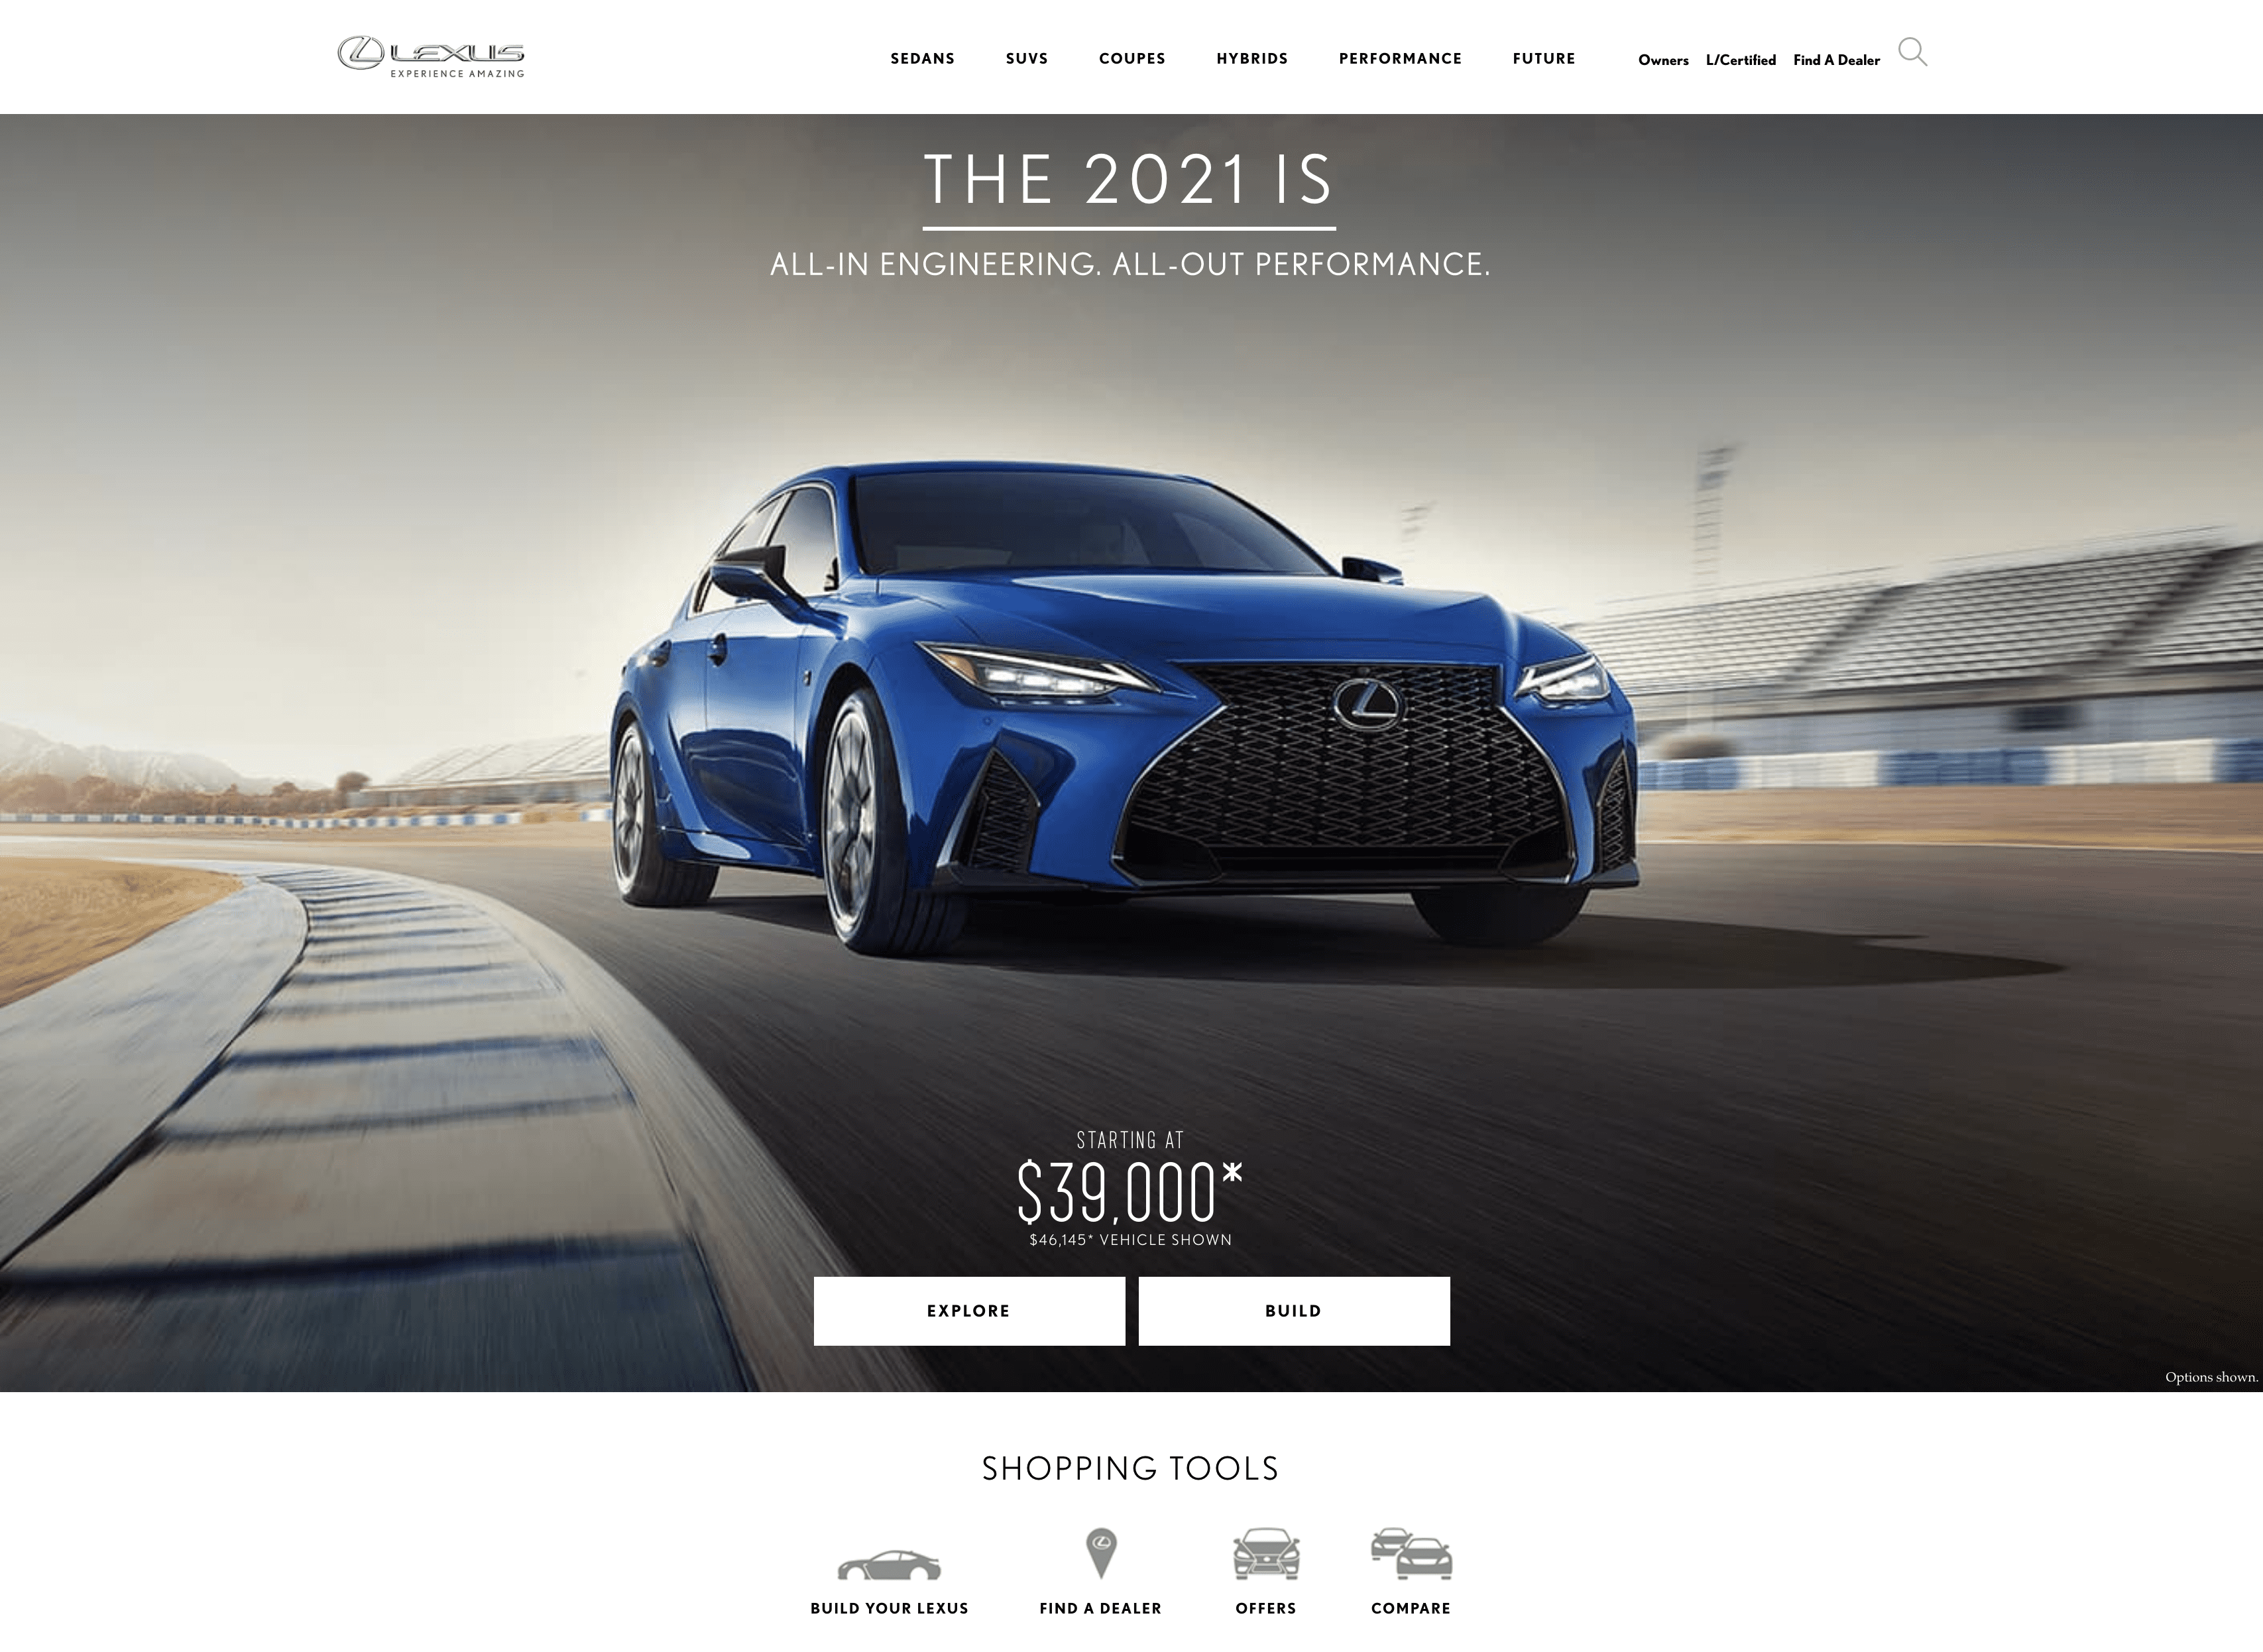 Lexus website